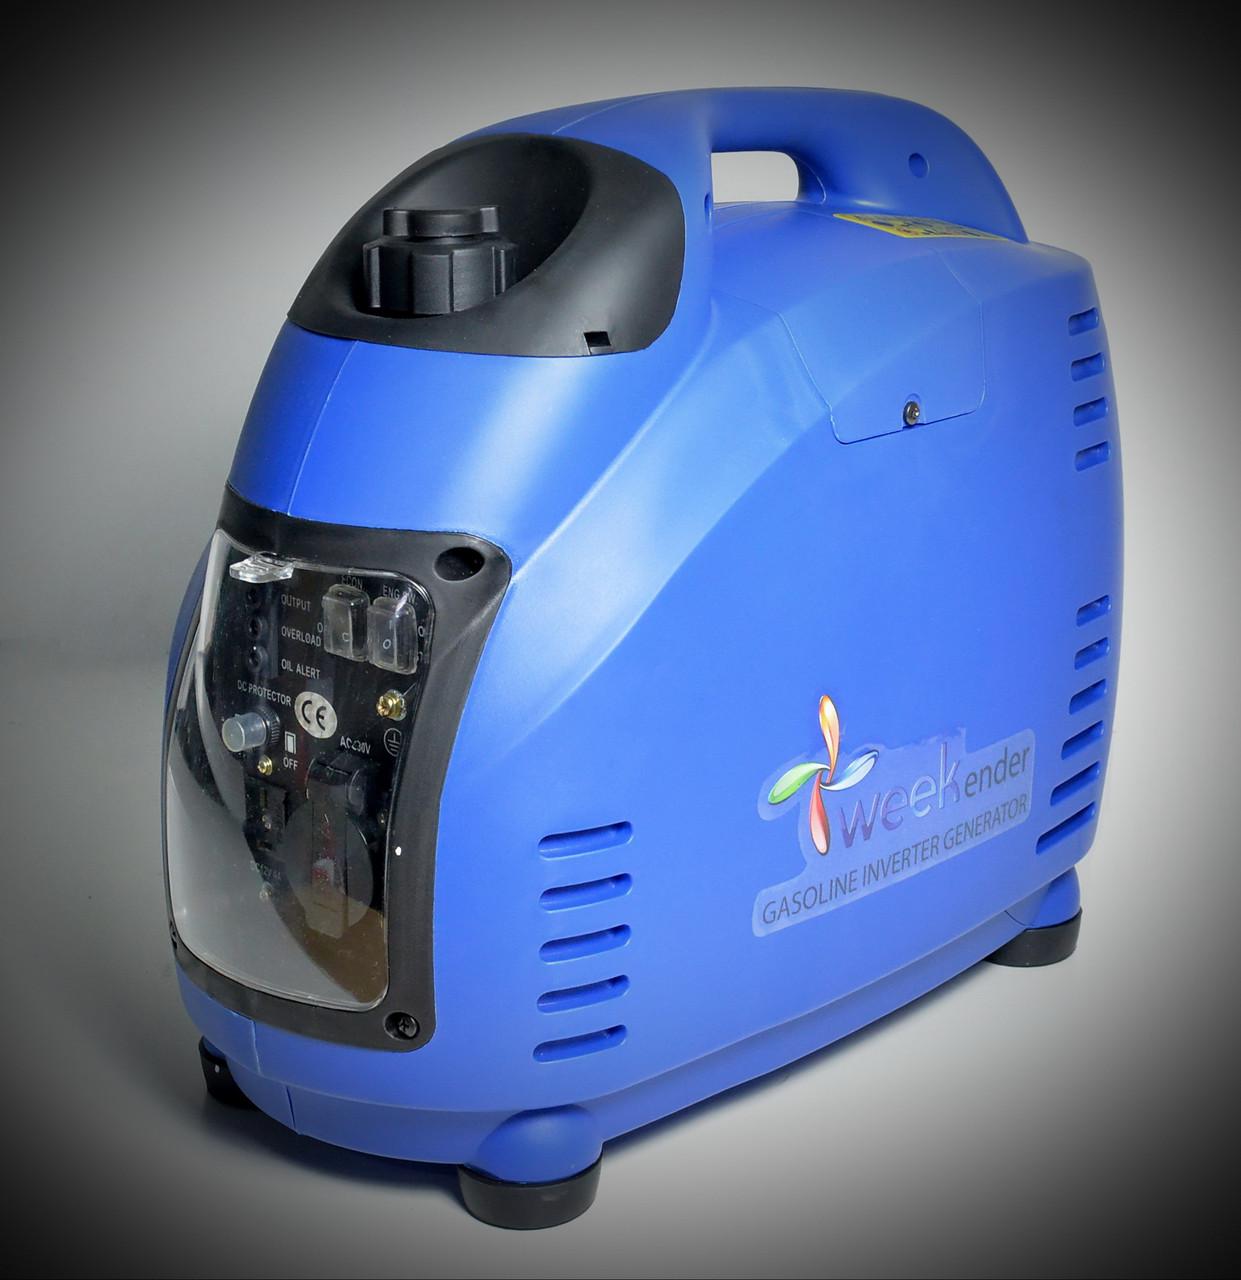 Генератор-инвертор Weekender 1,2 кВт D1200i